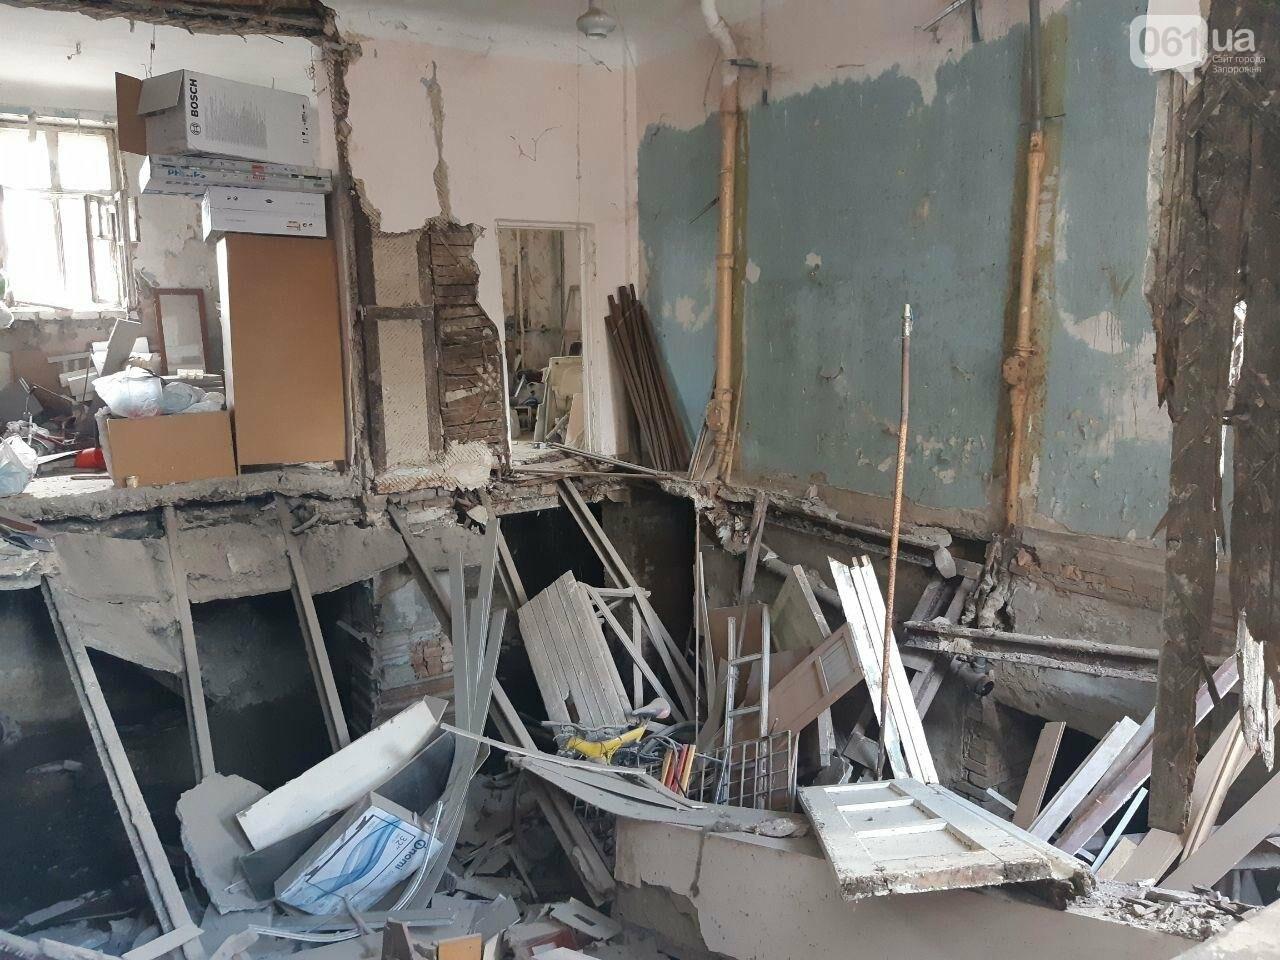 В Запорожье в жилом доме обвалилась опорная стена: открыто уголовное дело, людей переселяют в общежития, - ФОТОРЕПОРТАЖ, фото-12